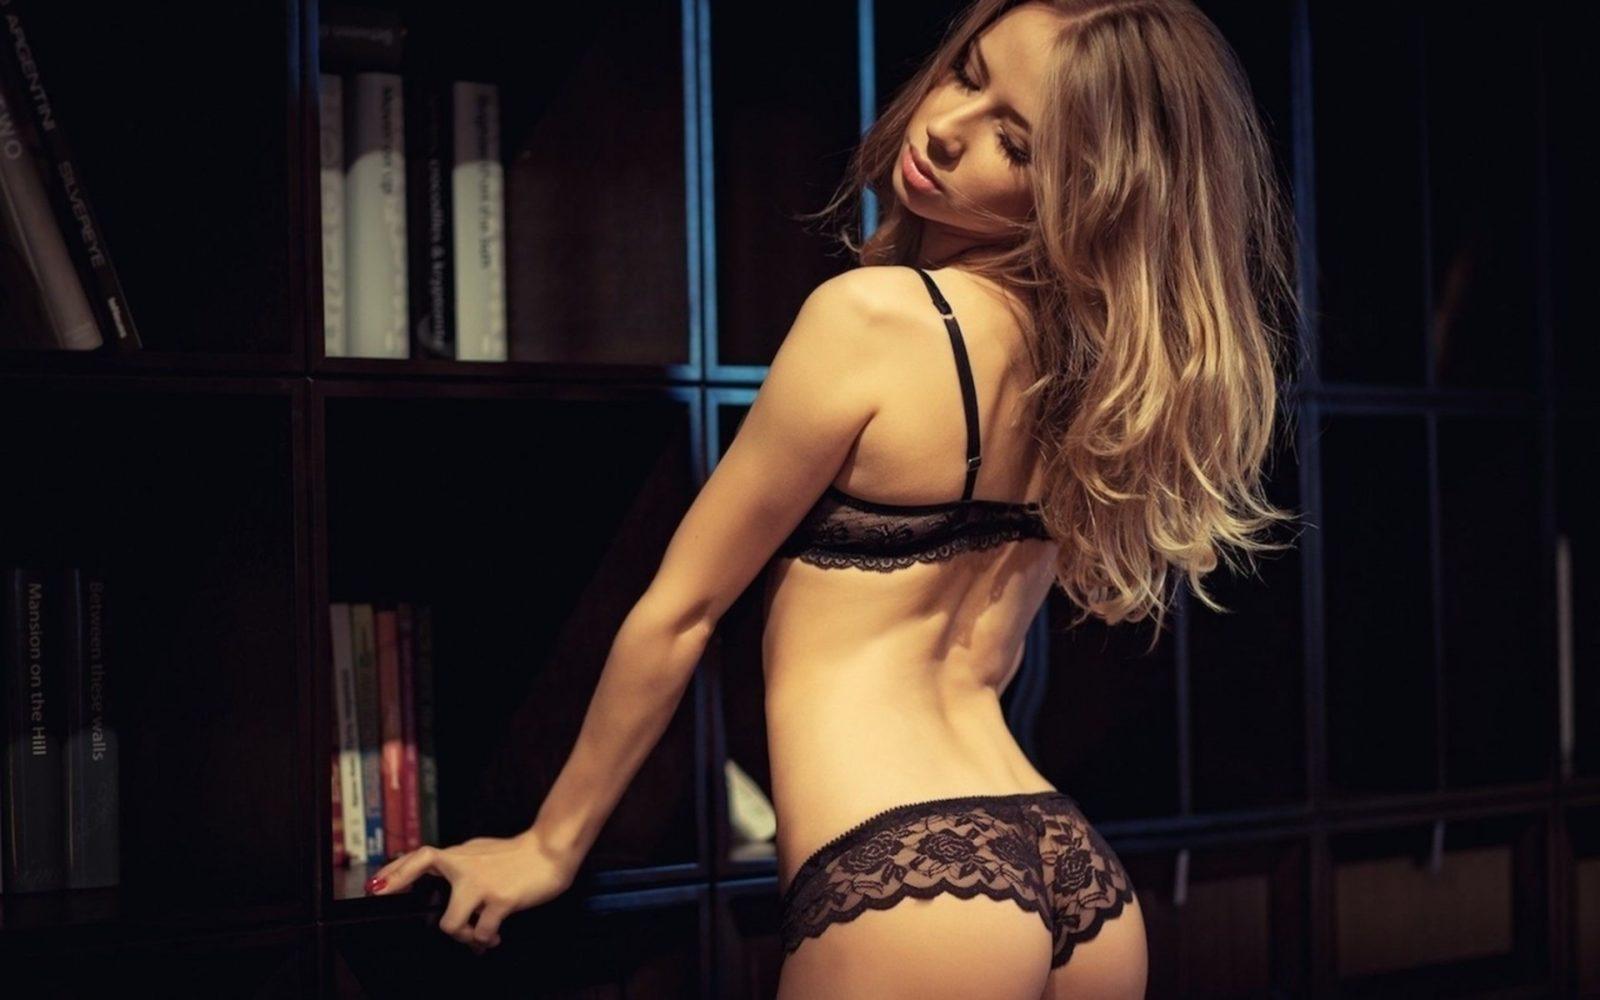 Эротический массаж – идеальный подарок для мужчины!